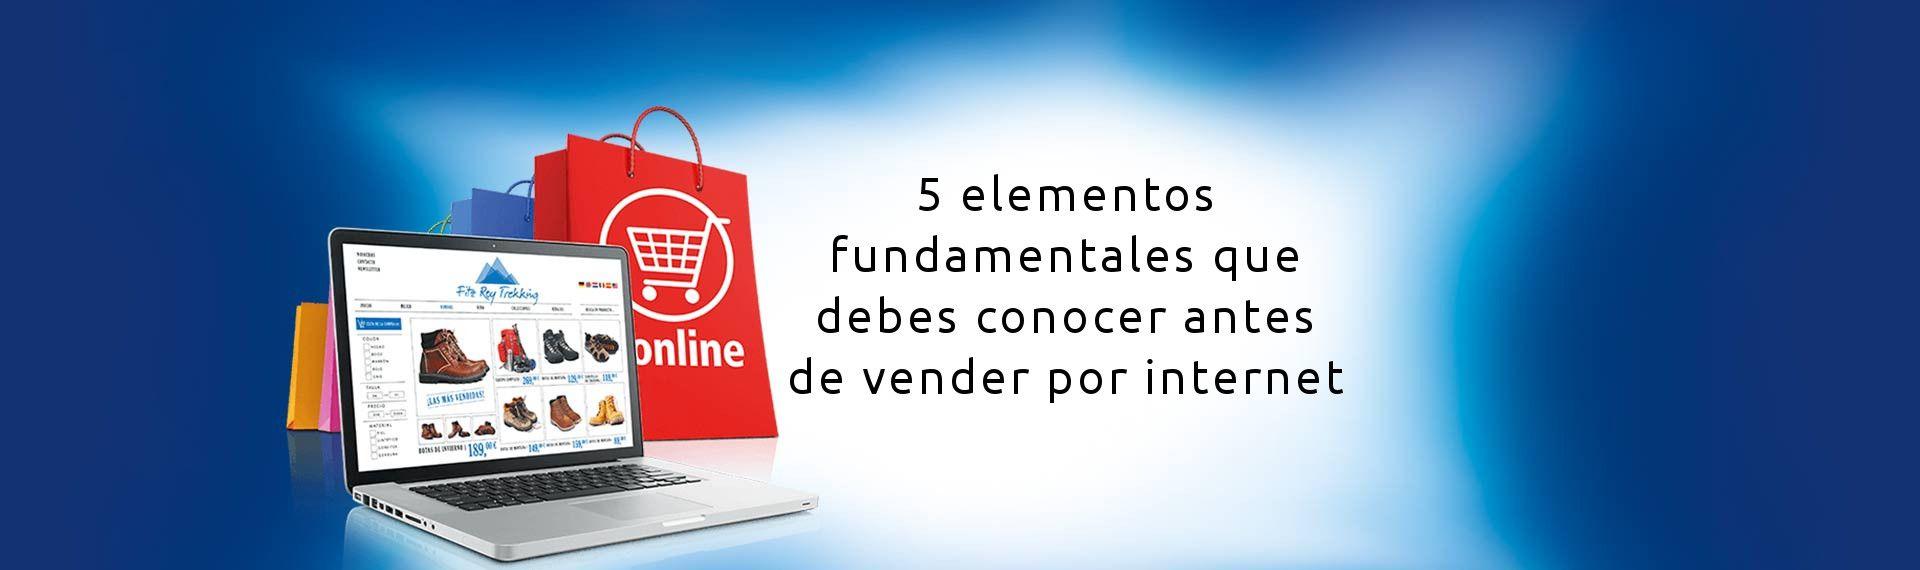 5 elementos fundamentales para vender por internet